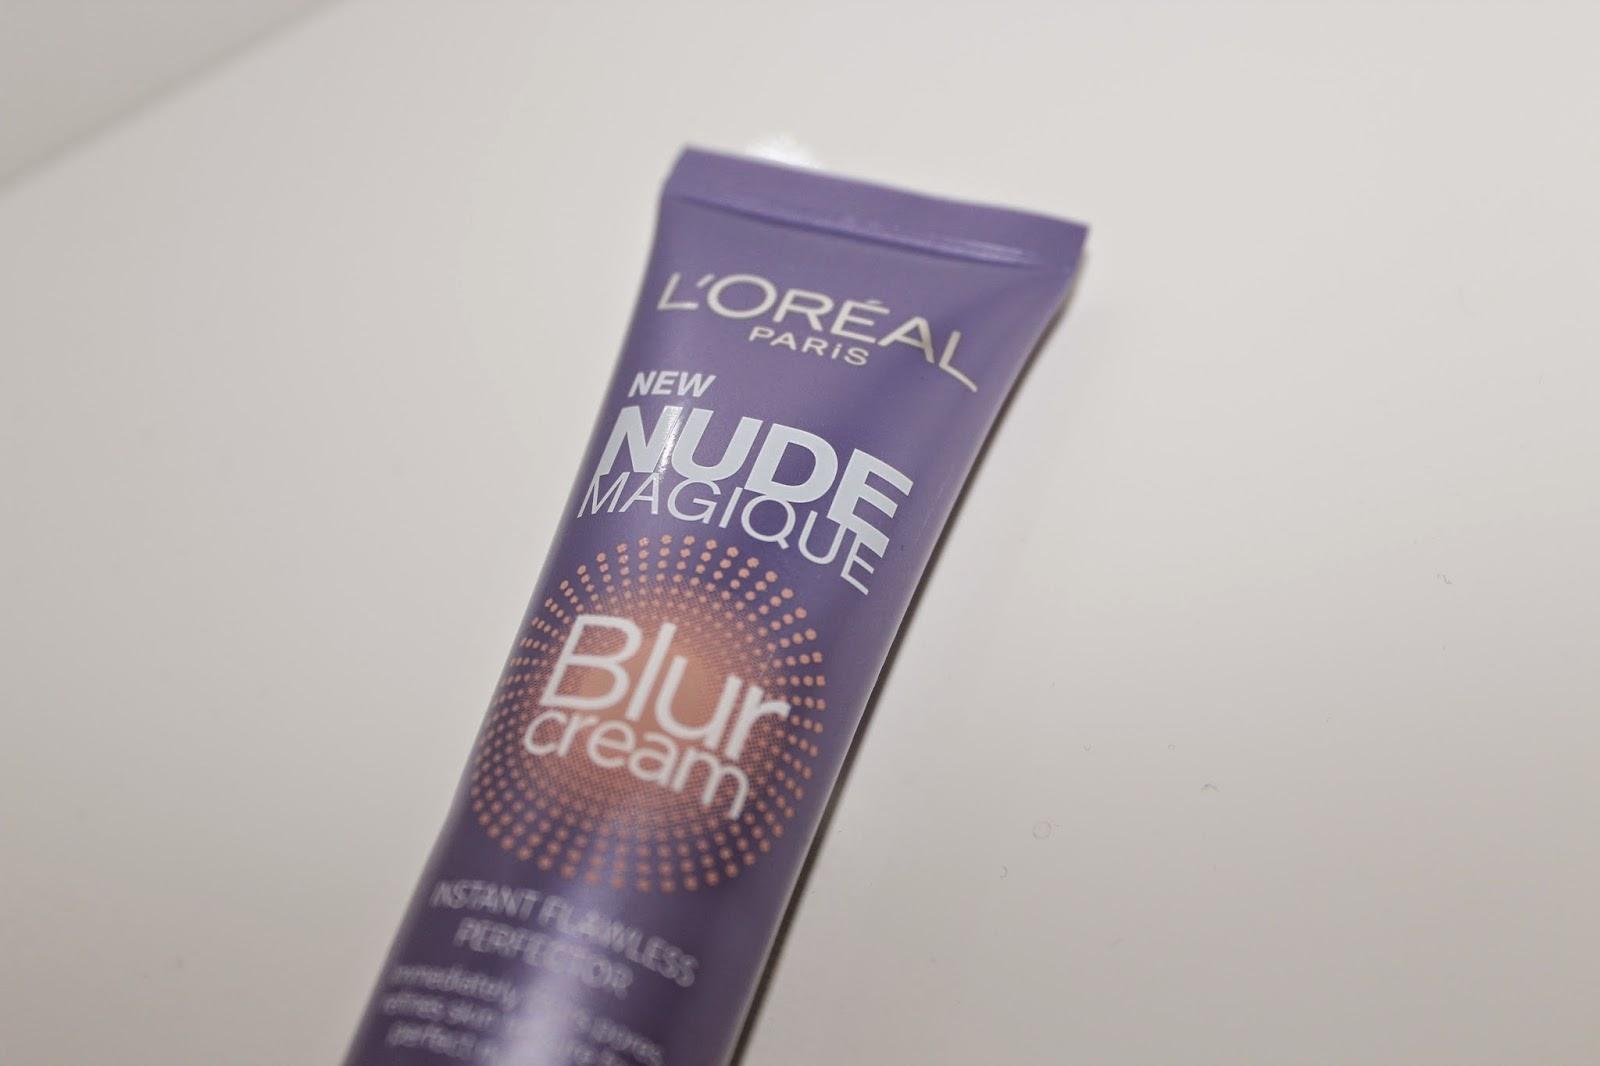 LOreal Paris Nude Magique Blur Cream Light To Medium Skin